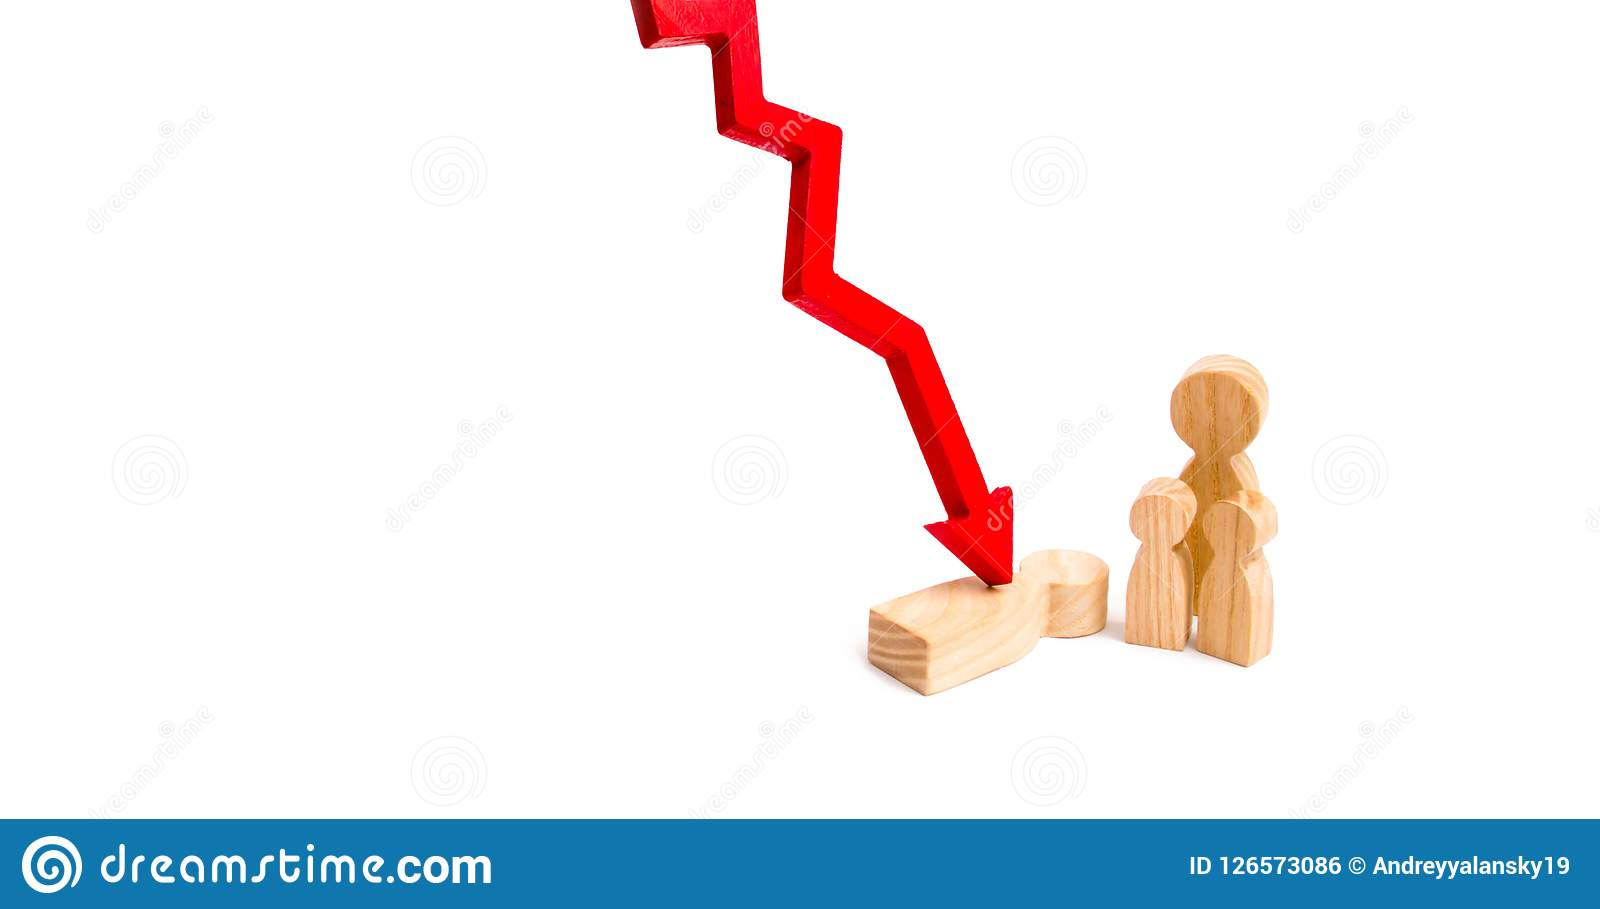 Chiffres en bois de la famille et du chiffre en détresse avec une flèche rouge Le concept de la perte d un membre de la famille